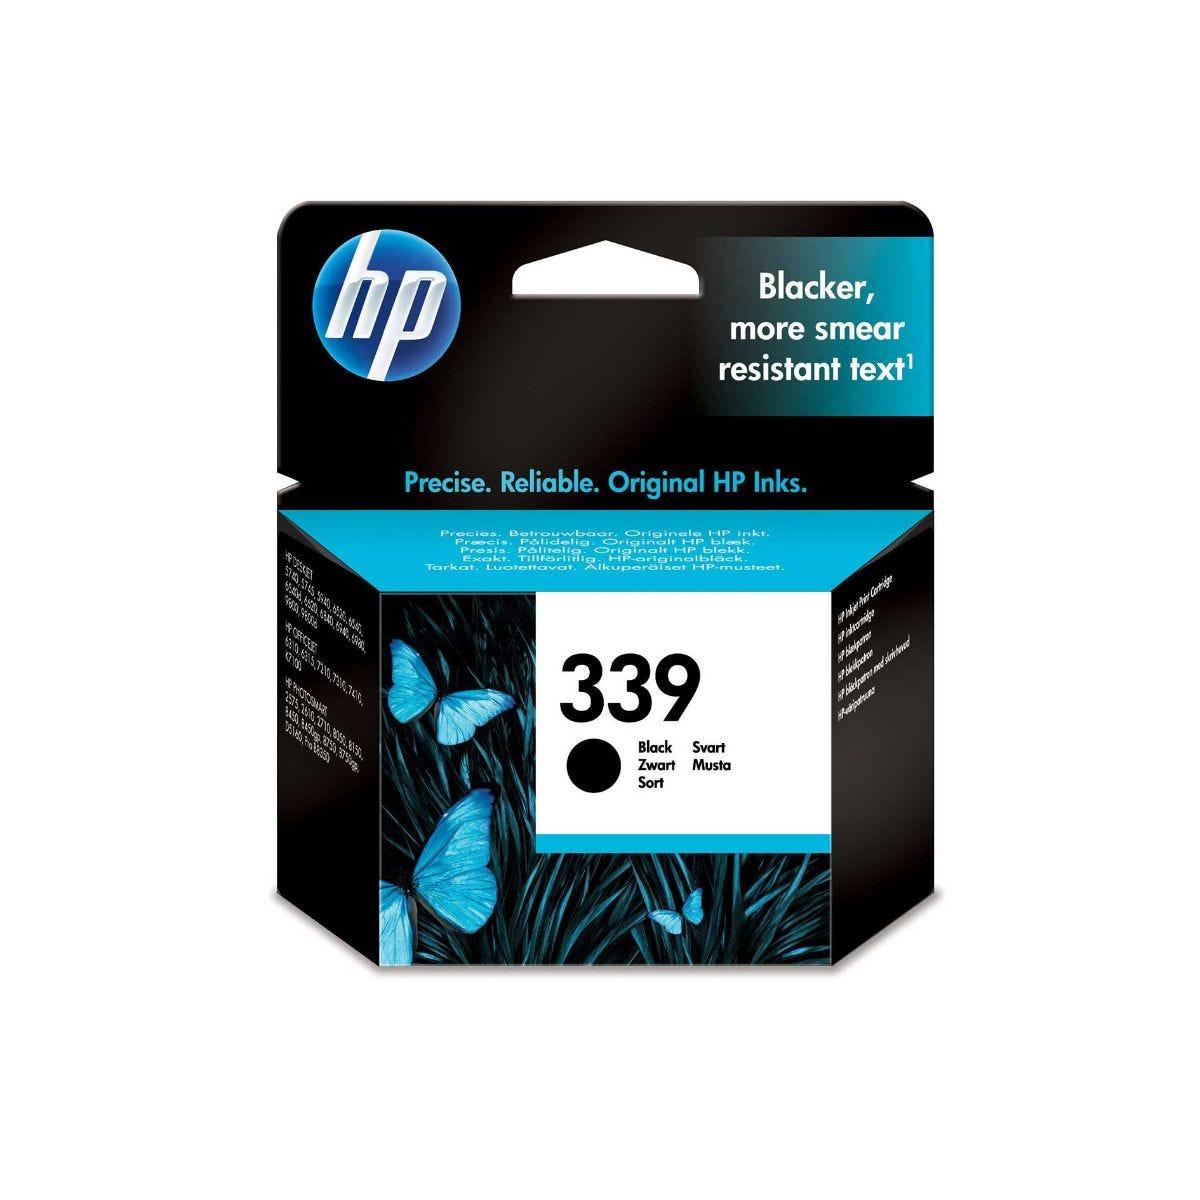 Image of HP 339 Ink Cartridge 21ml, Black